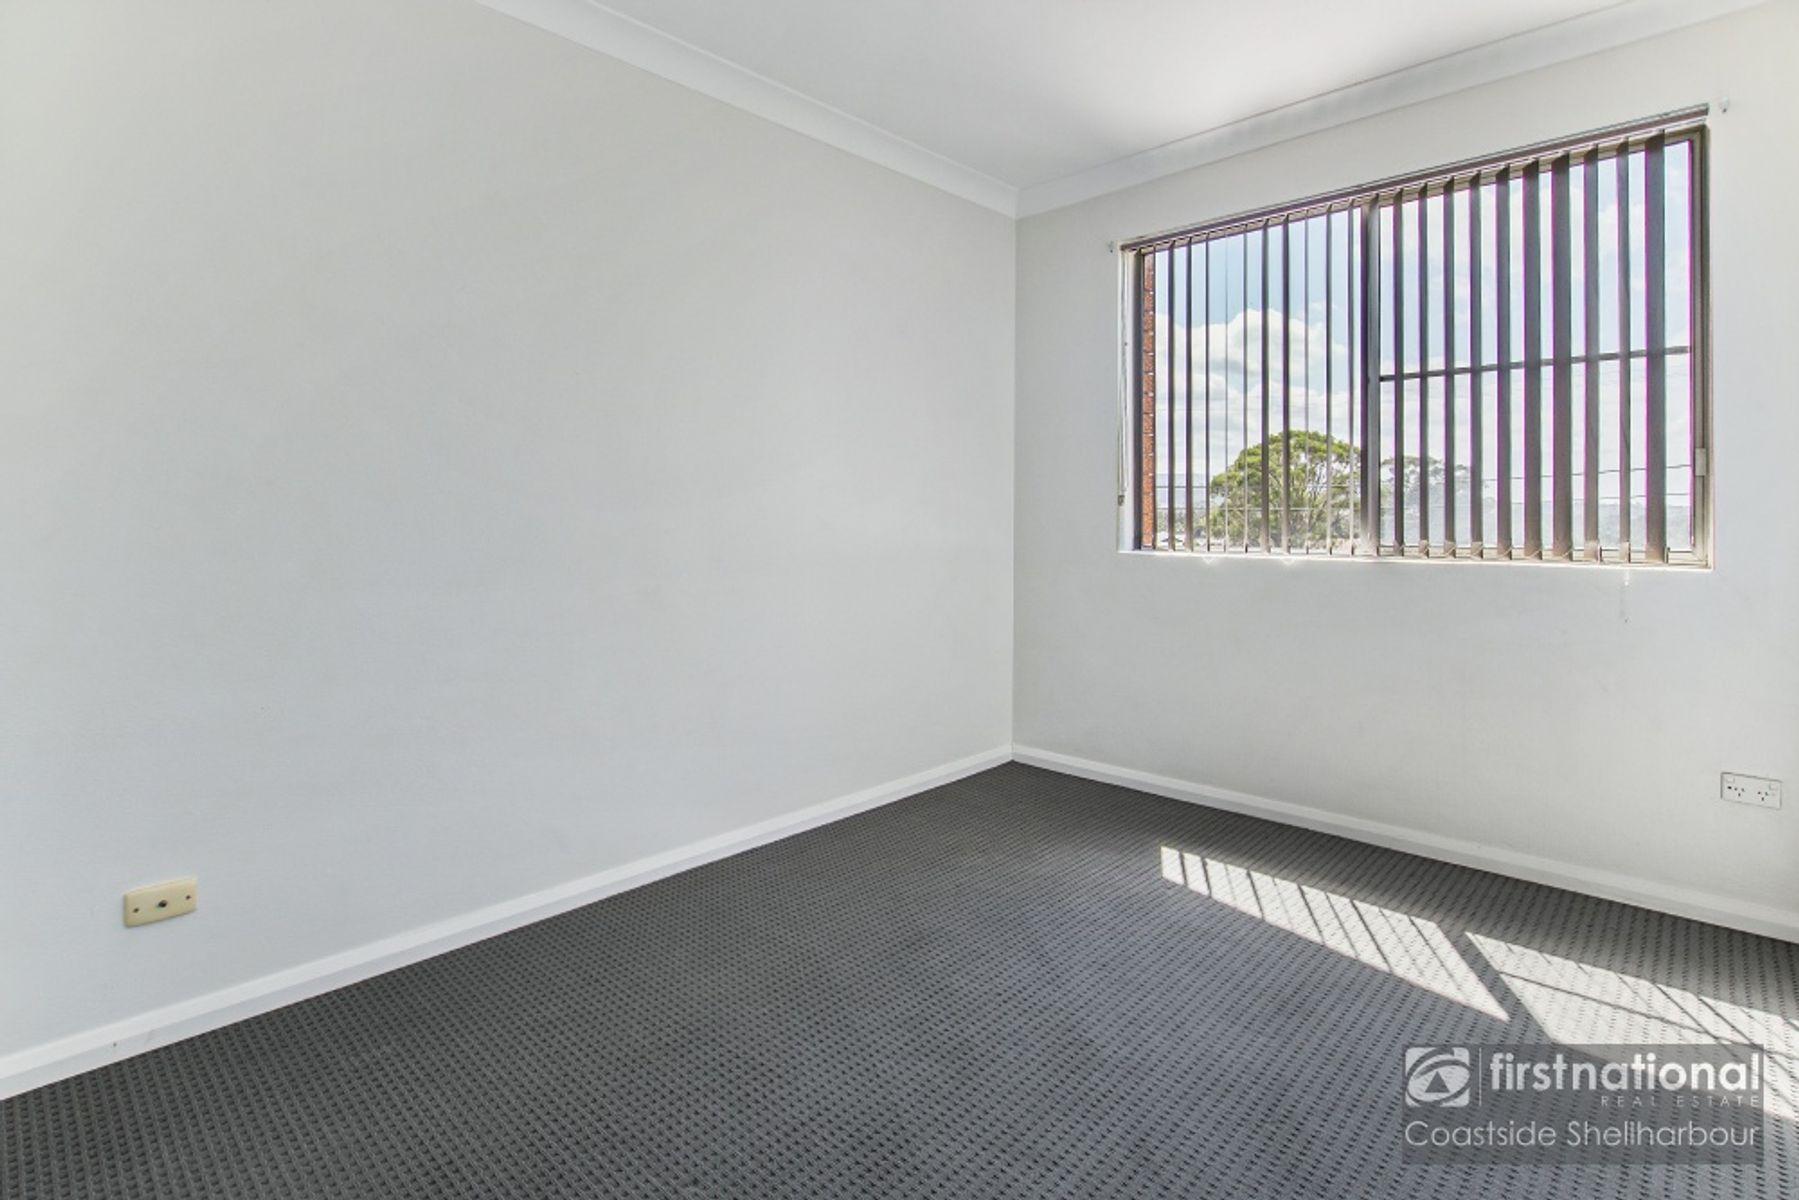 3/241 Kanahooka Road, Kanahooka, NSW 2530